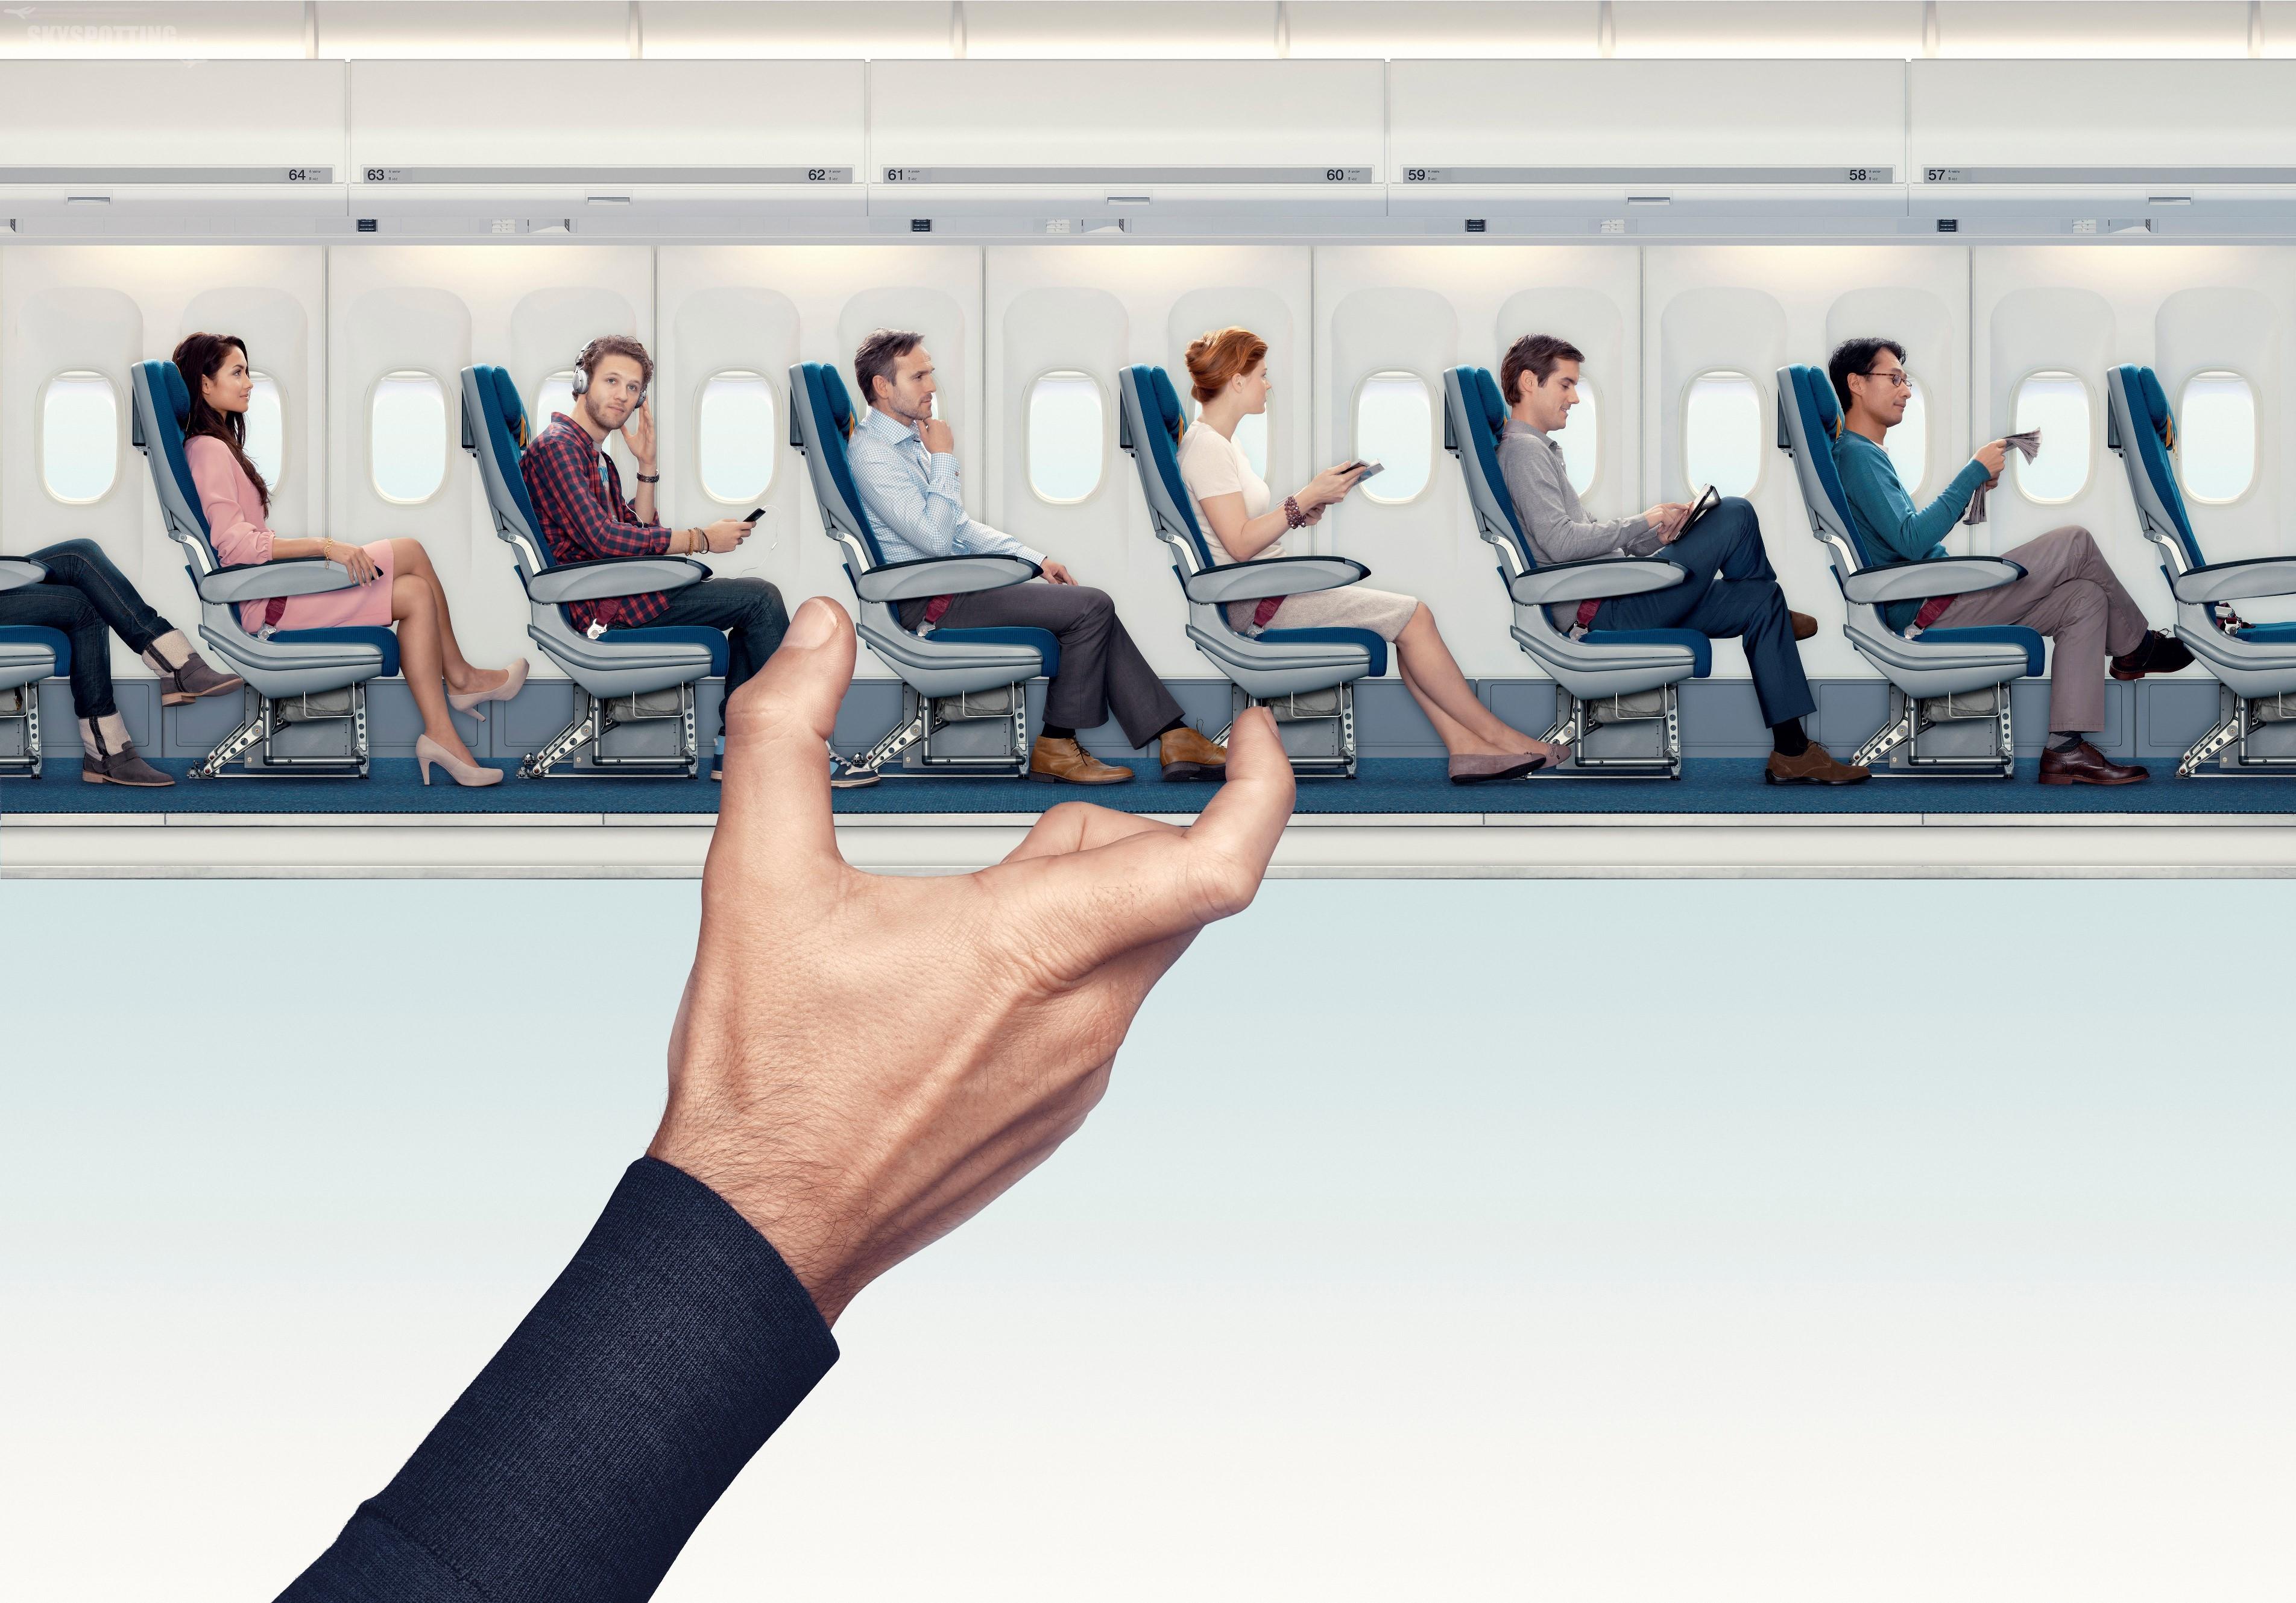 Aby lecieć, trzeba siedzieć ;) . Mini-przewodnik po miejscach w samolotach Air France i KLM.